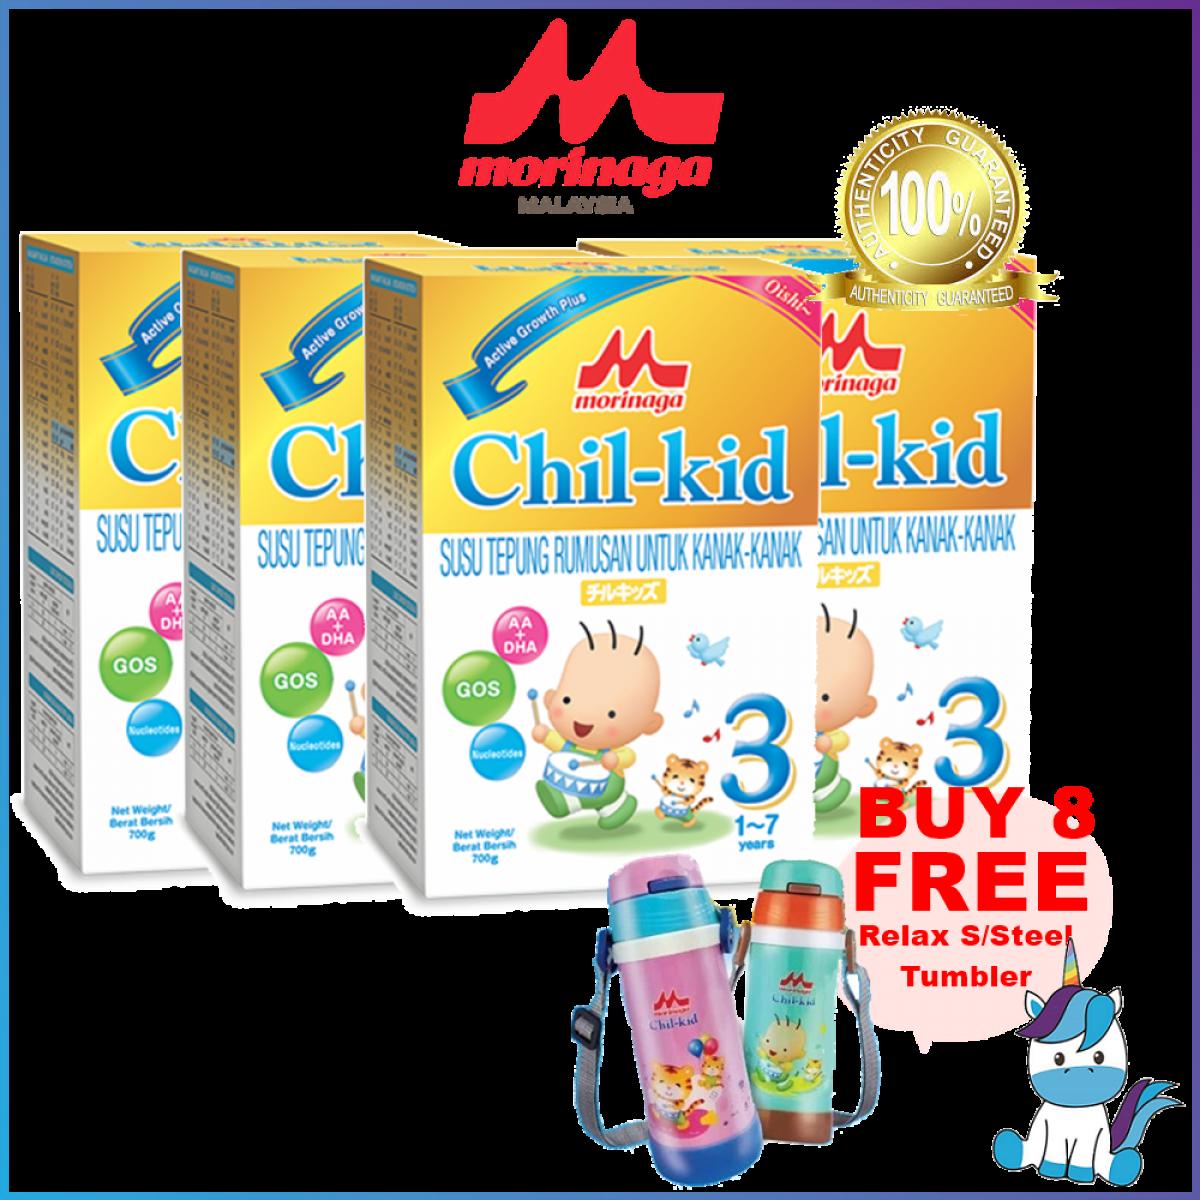 8 boxes FREE TUMBLER - Morinaga Chil-Kid Step 3 700g Improved Formula (EXP12/2020)